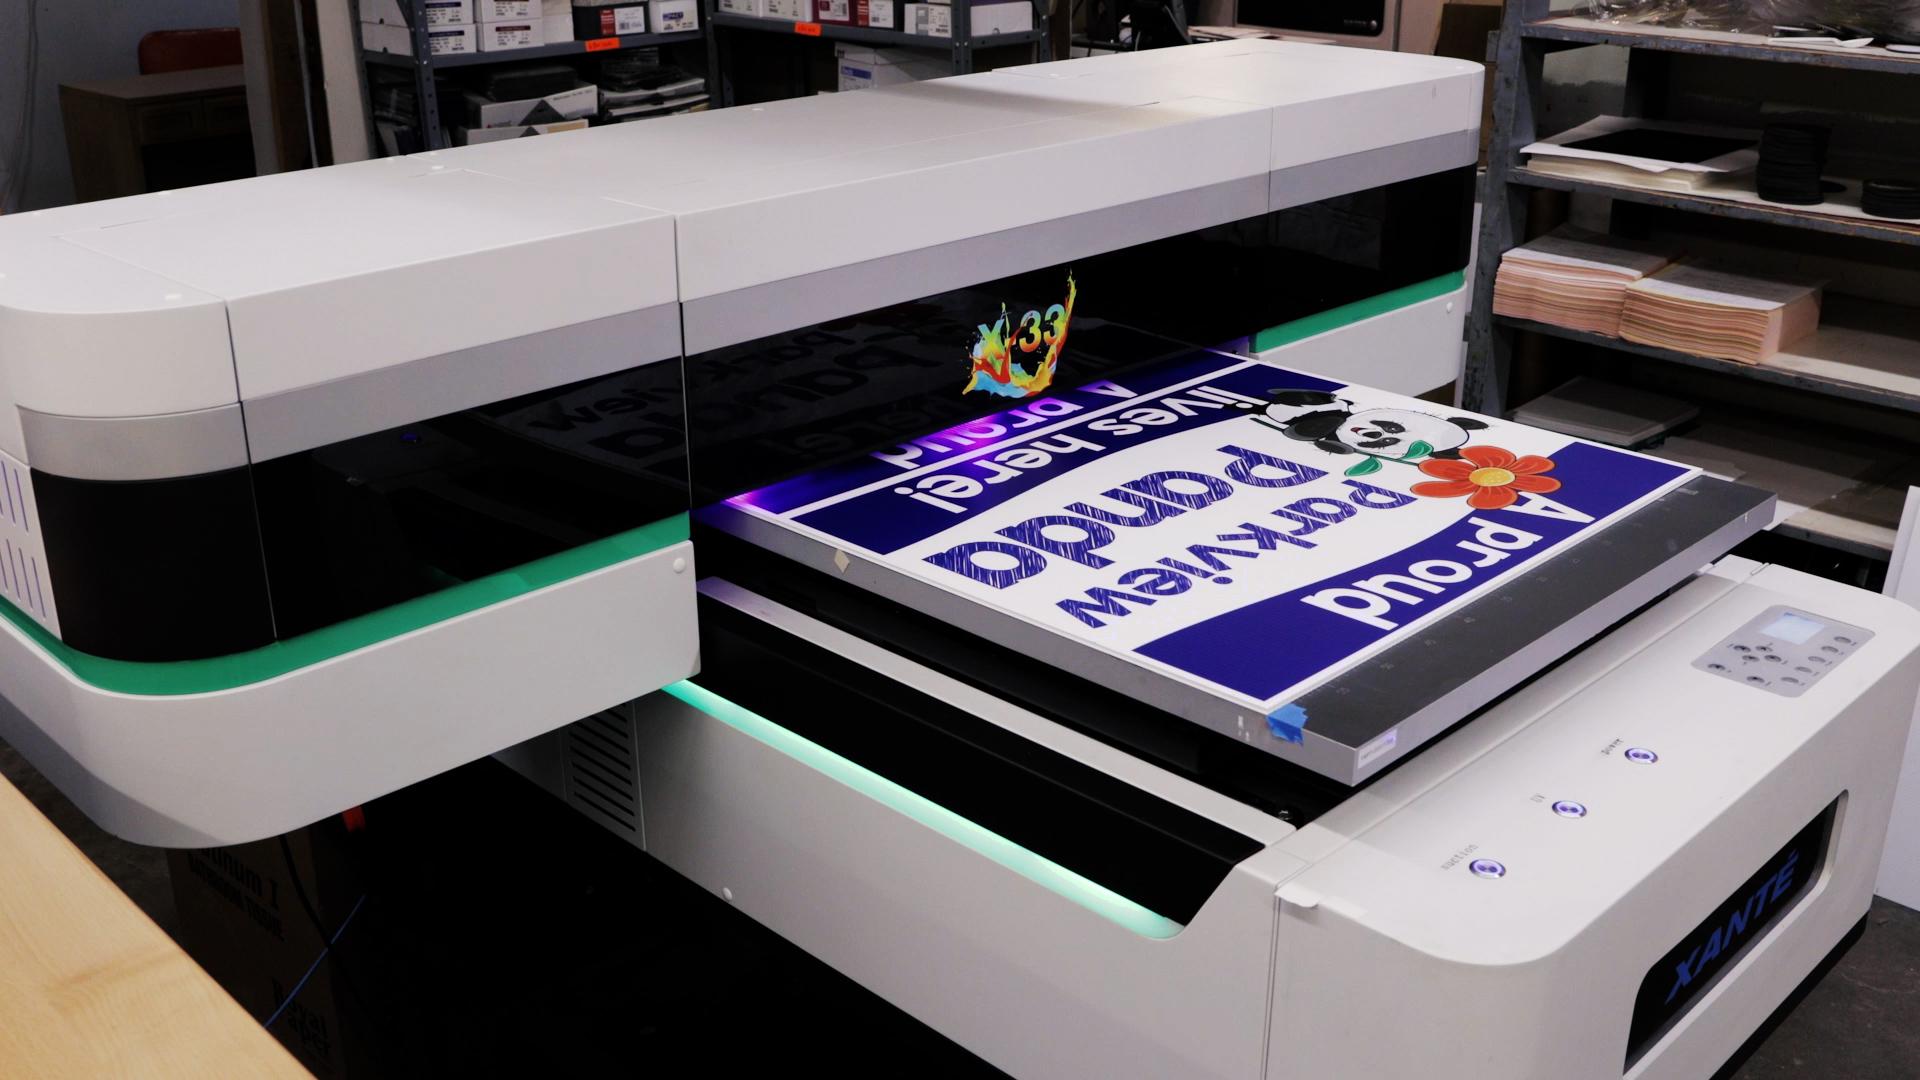 Xante Southwest Printers